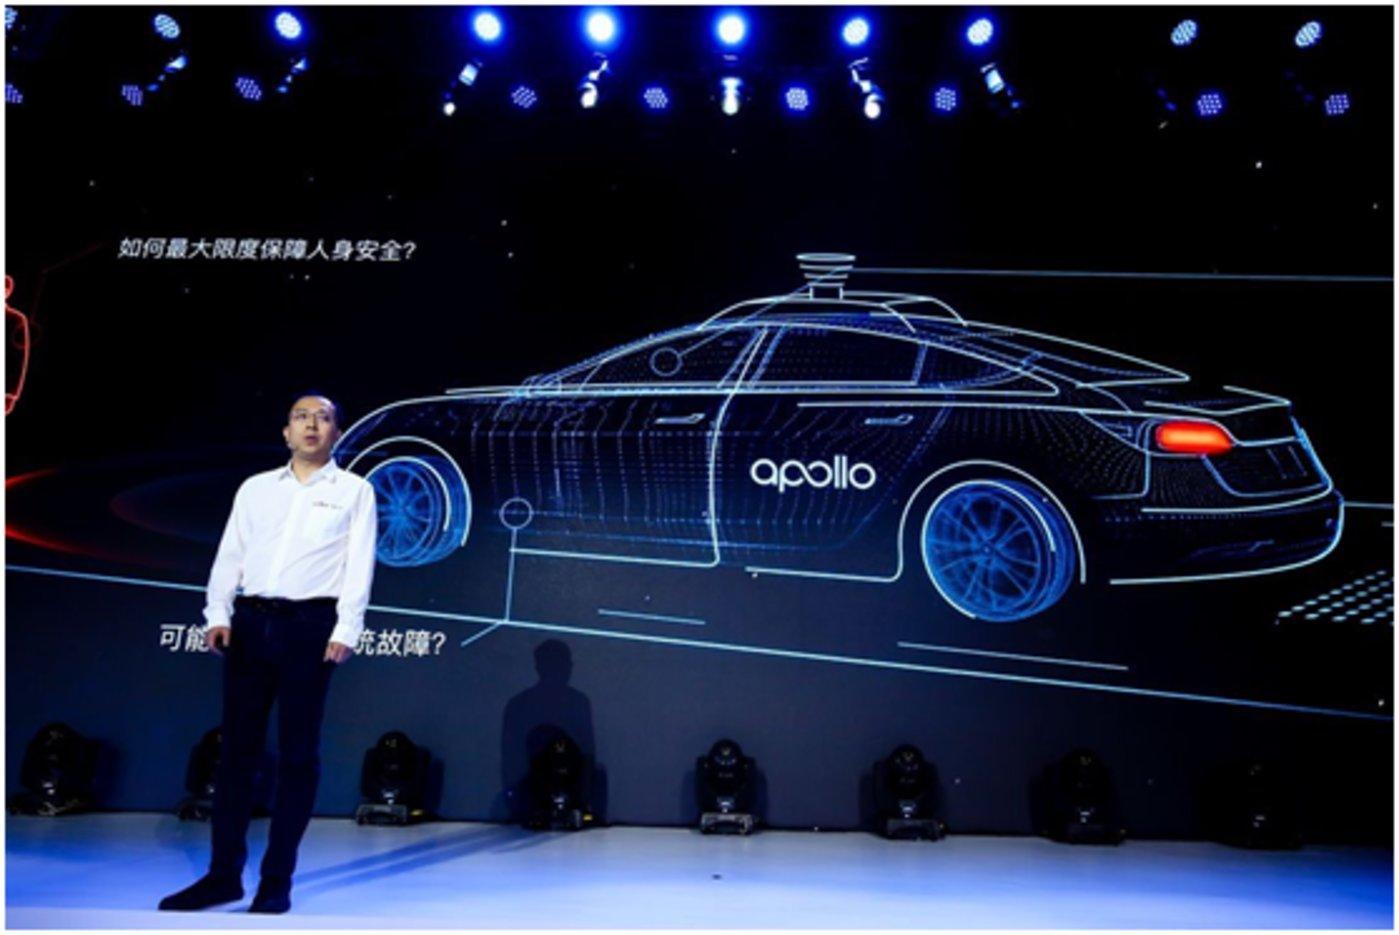 百度副总裁、智能驾驶事业群组总经理李震宇